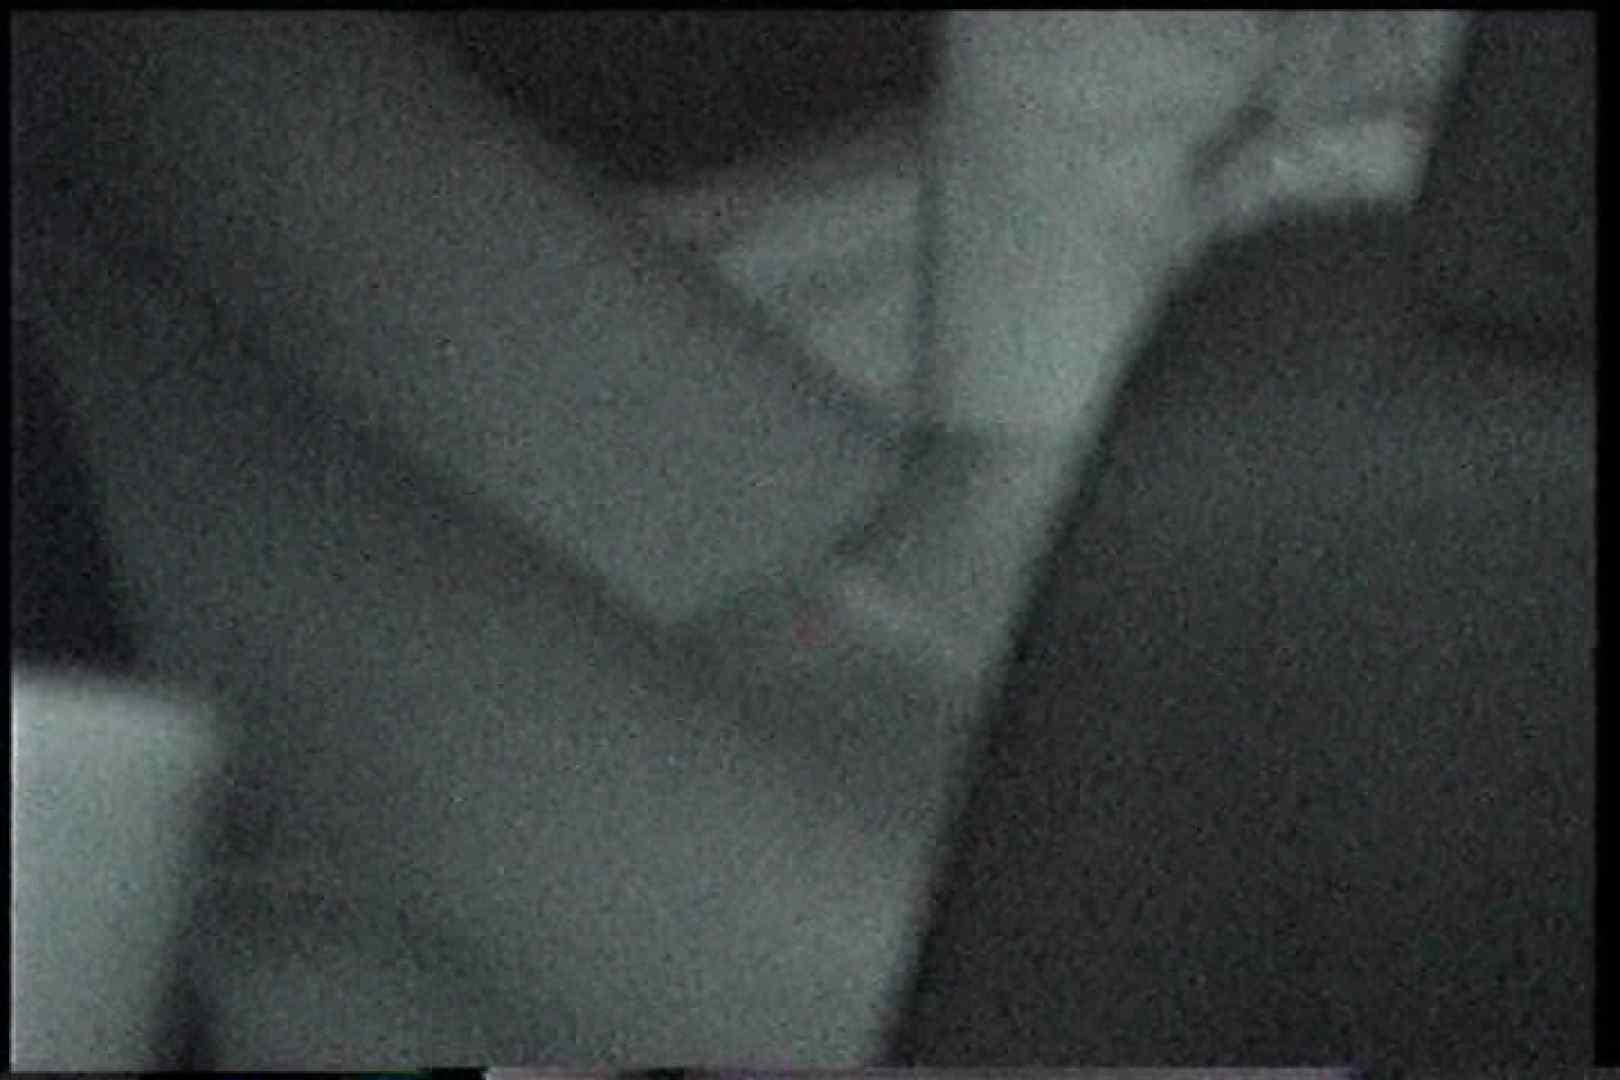 充血監督の深夜の運動会Vol.224 おまんこ丸見え 盗み撮りAV無料動画キャプチャ 99連発 35